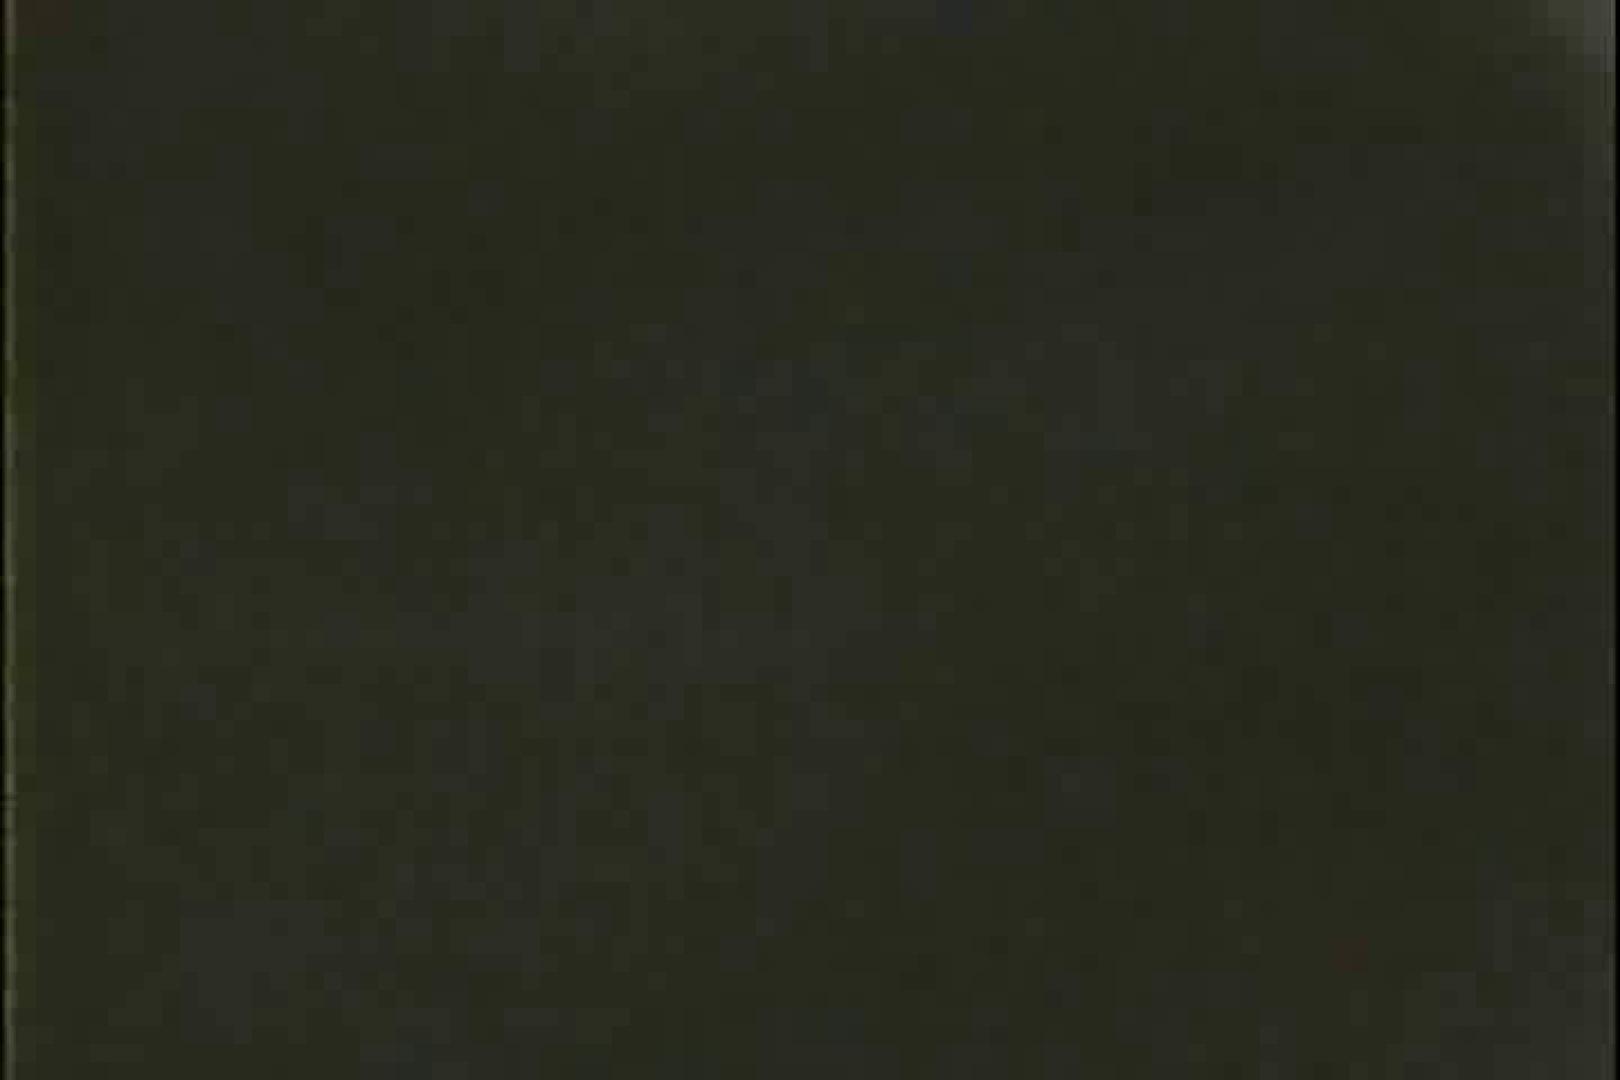 「ちくりん」さんのオリジナル未編集パンチラVol.5_02 パンチラ  90枚 82